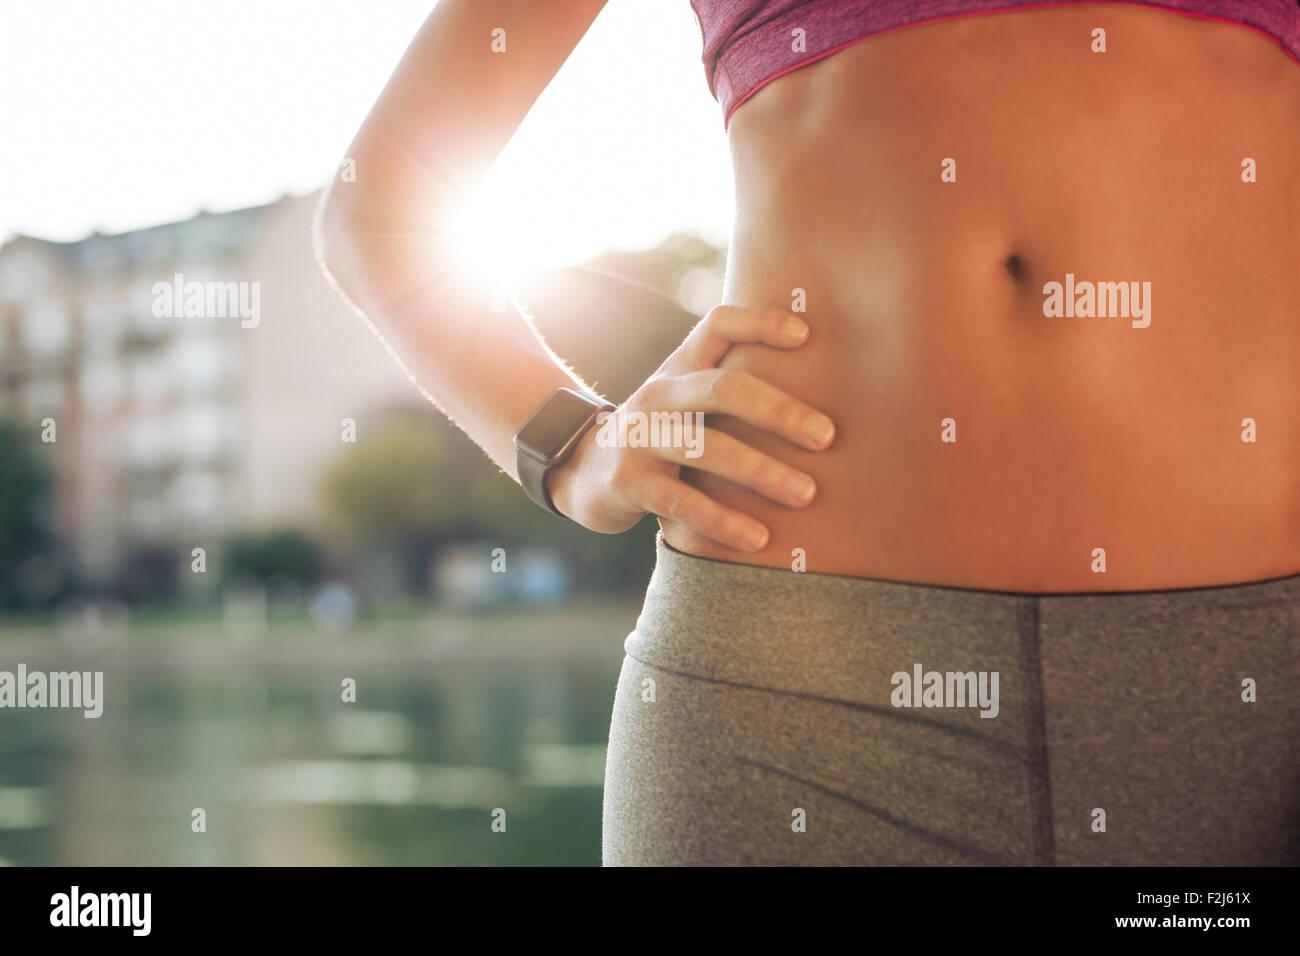 Sección intermedia de colocar el torso de mujer con las manos en las caderas. Corredoras vistiendo smartwatch Imagen De Stock